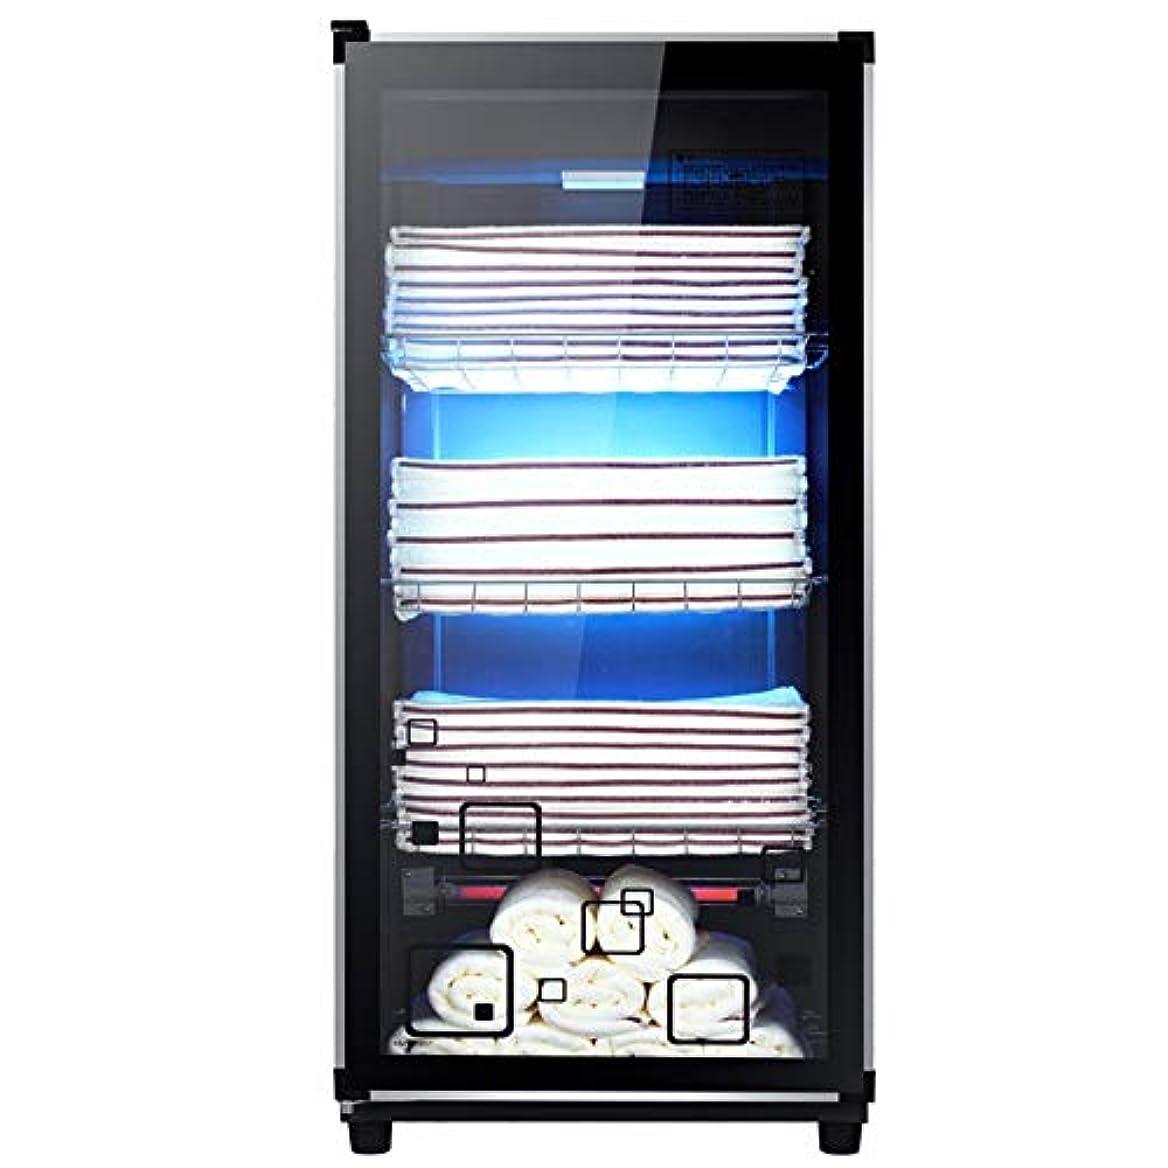 でアクセス空の3 in 1 UVオゾン滅菌器キャビネットホットタオルウォーマーキャビネットウェットタオルヒーター、レストランサロン用スパマッサージヘアビューティー(4層)